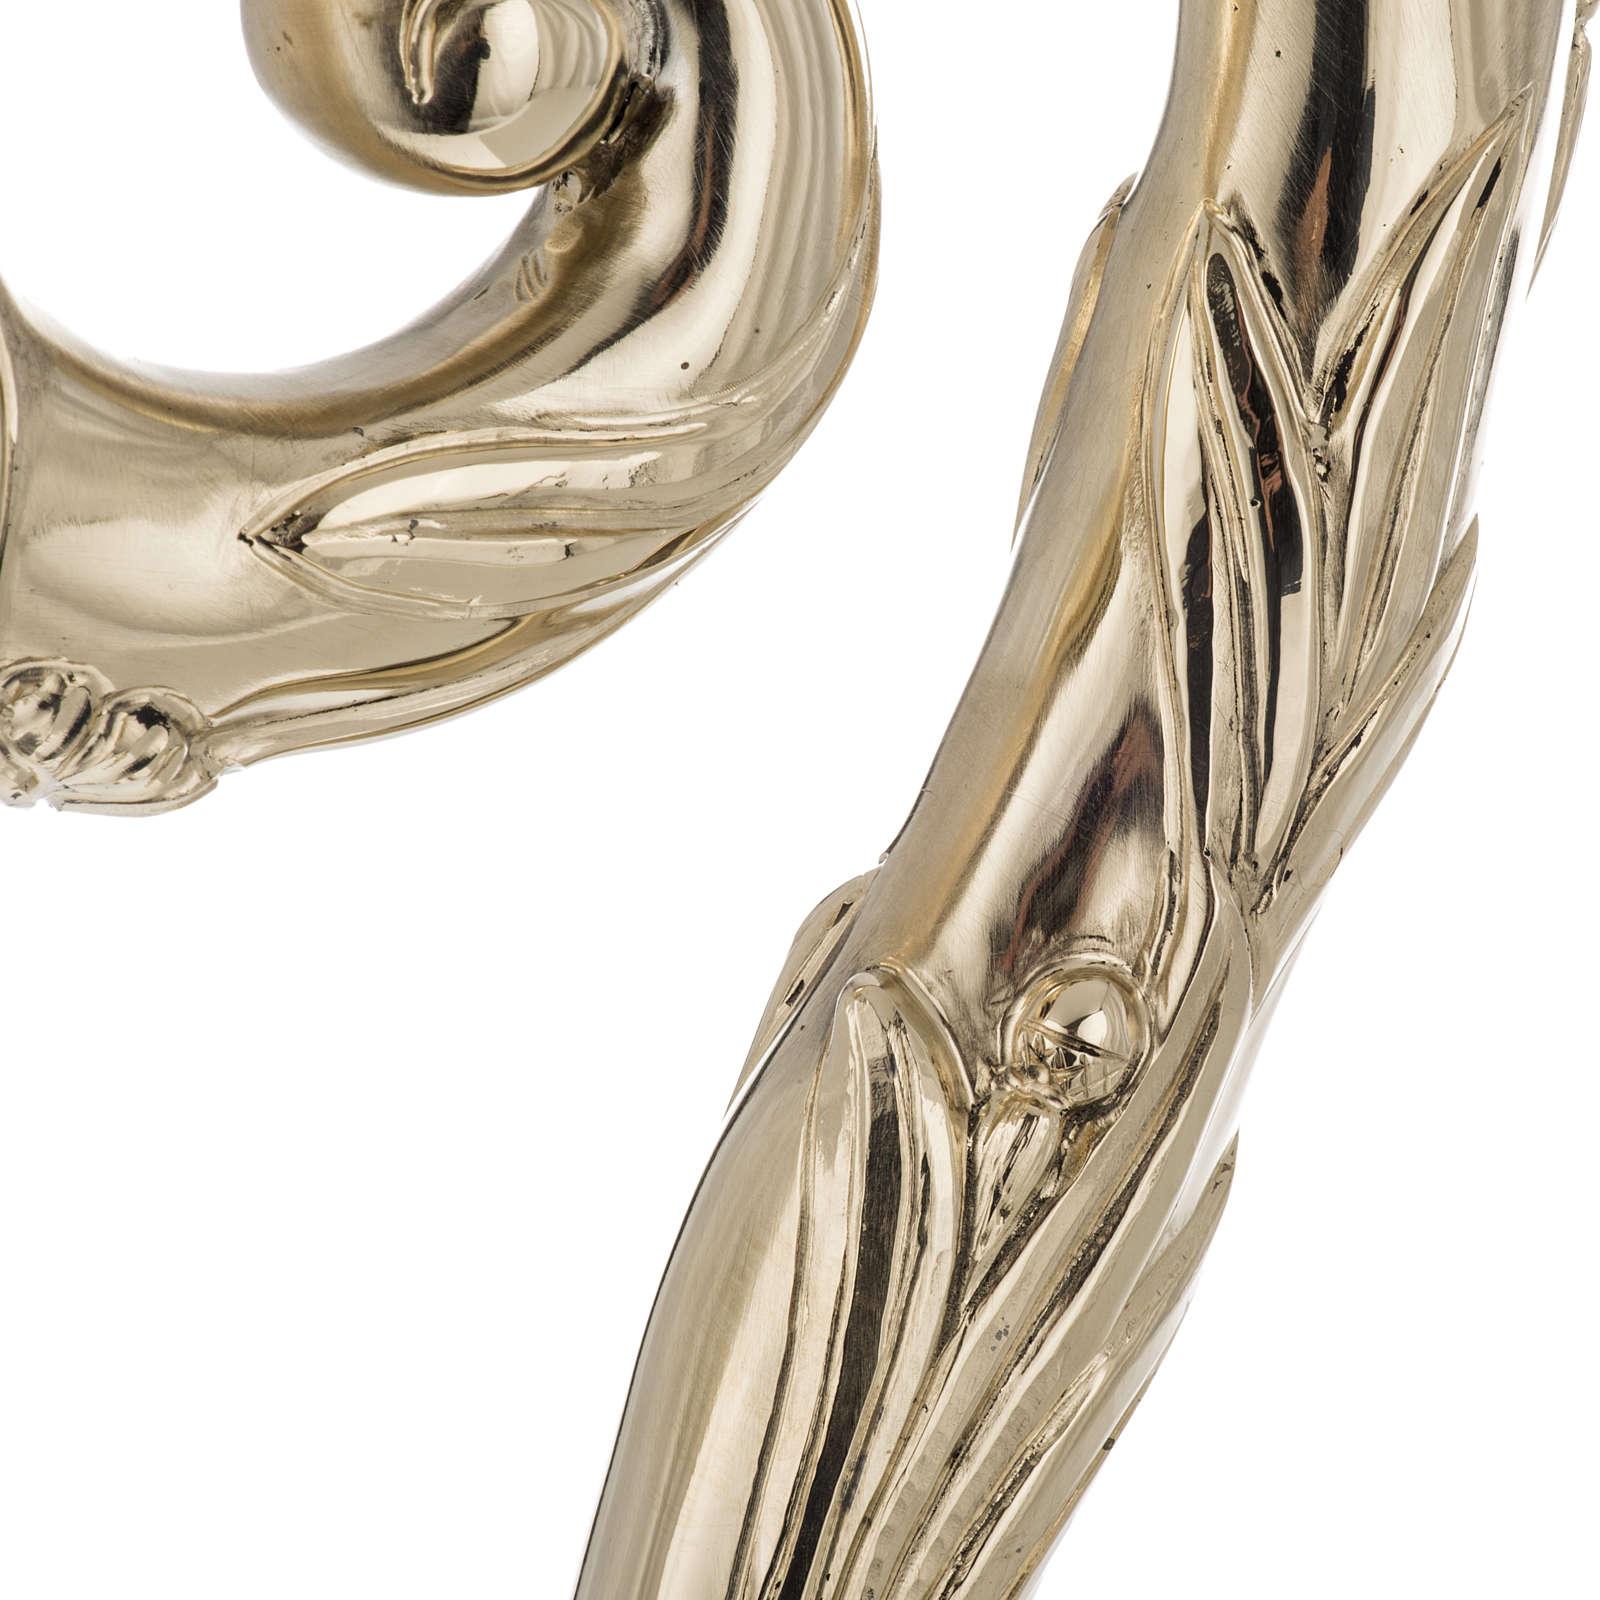 Pastorale in argento 966/1000 e metallo mod. dorato 3